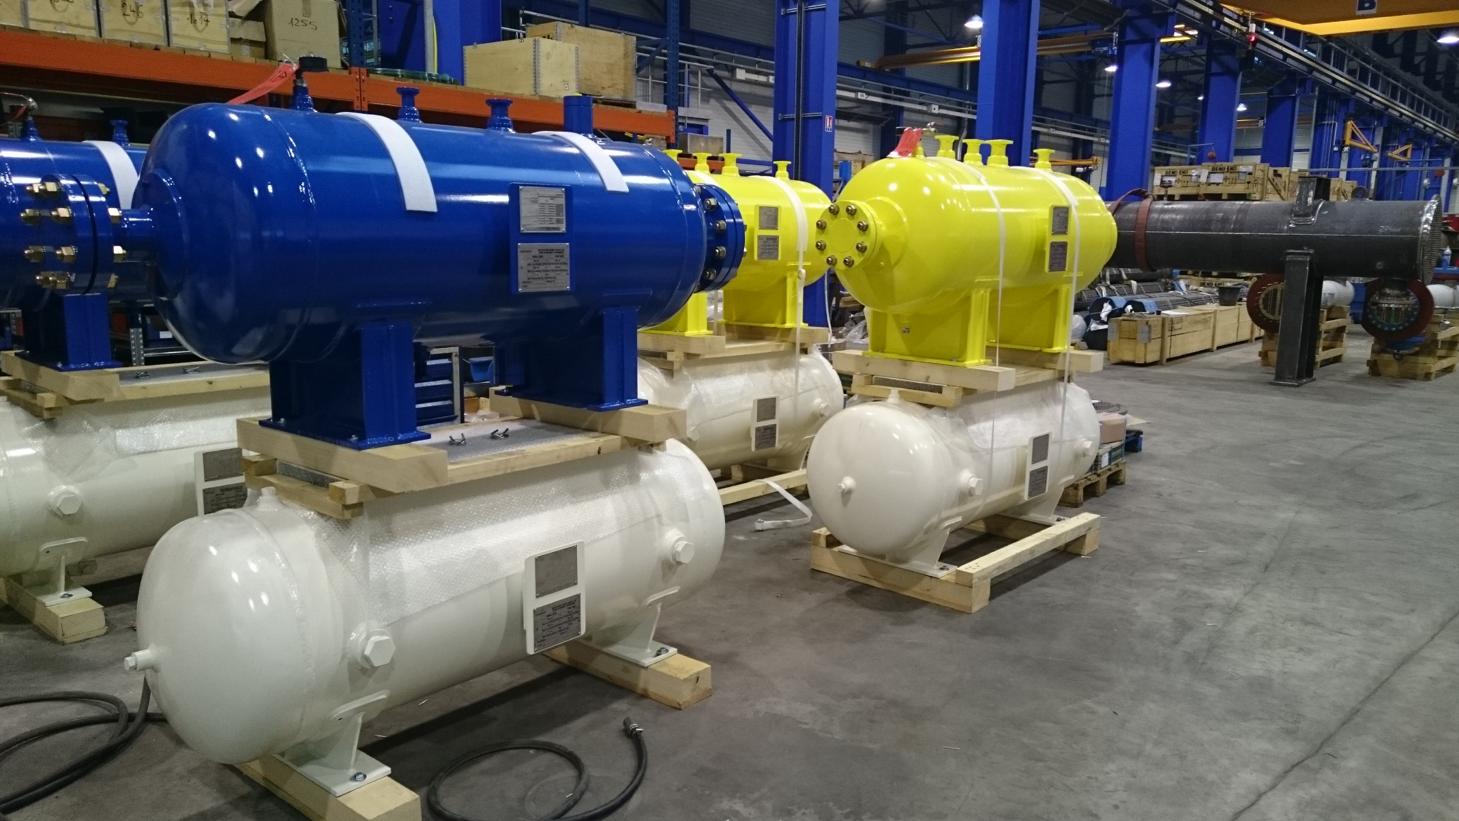 Réservoir stockage fluide process - Réservoirs à pression - Quiri - 3